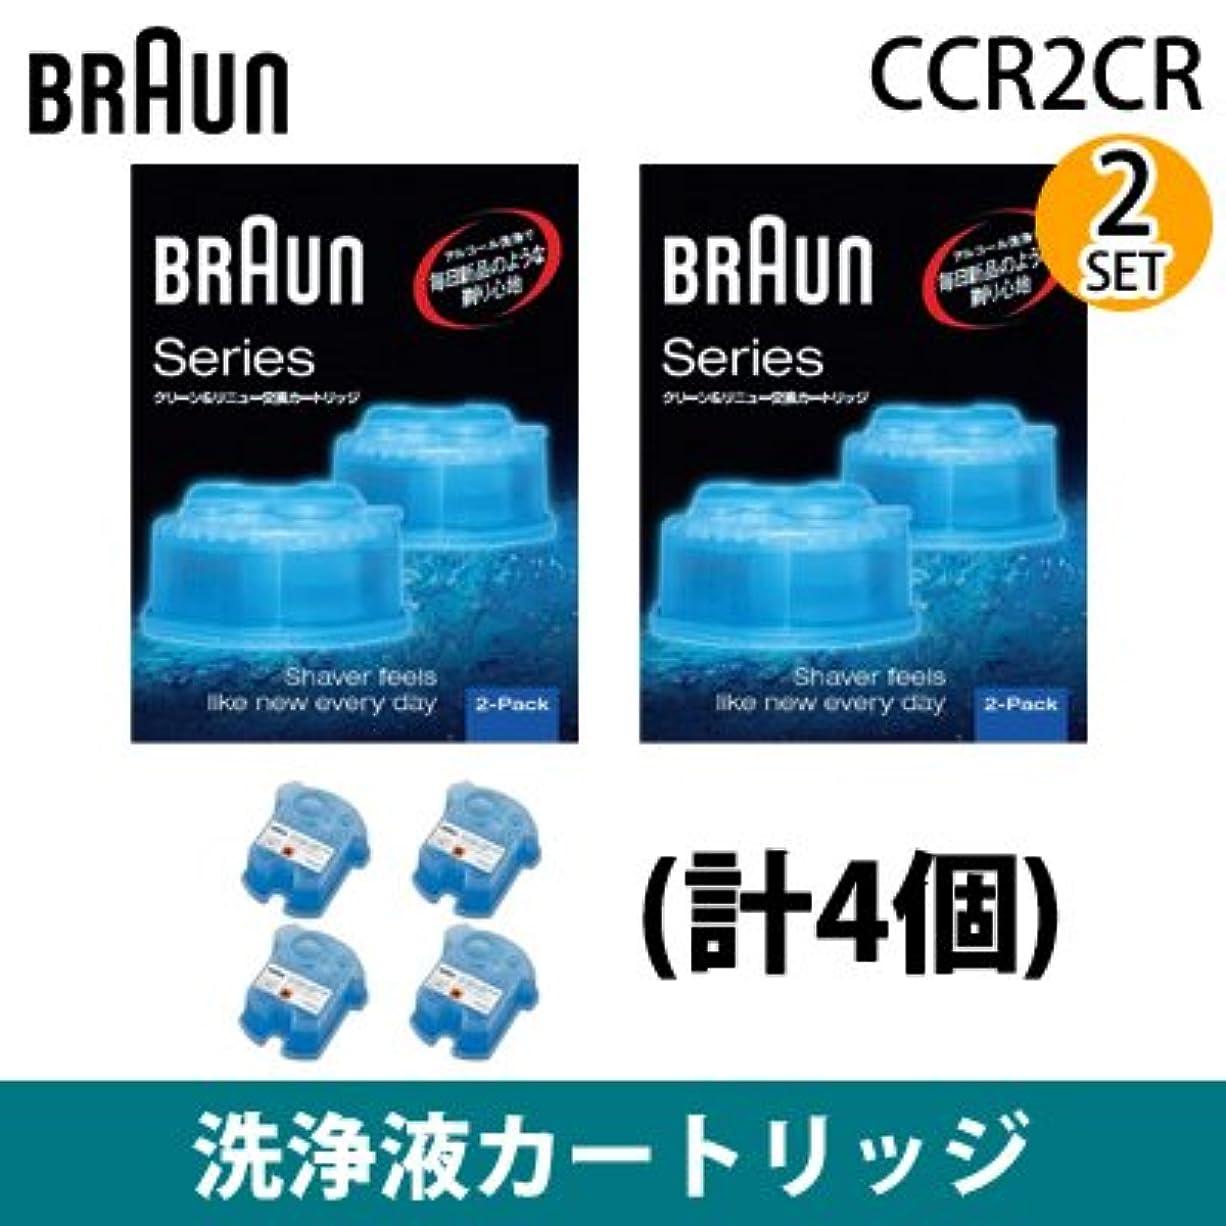 止まる咽頭娘【2セット】ブラウン メンズシェーバー アルコール洗浄システム専用洗浄液カートリッジ (2個入×2セット)(計4個) CCR2CR-2SET